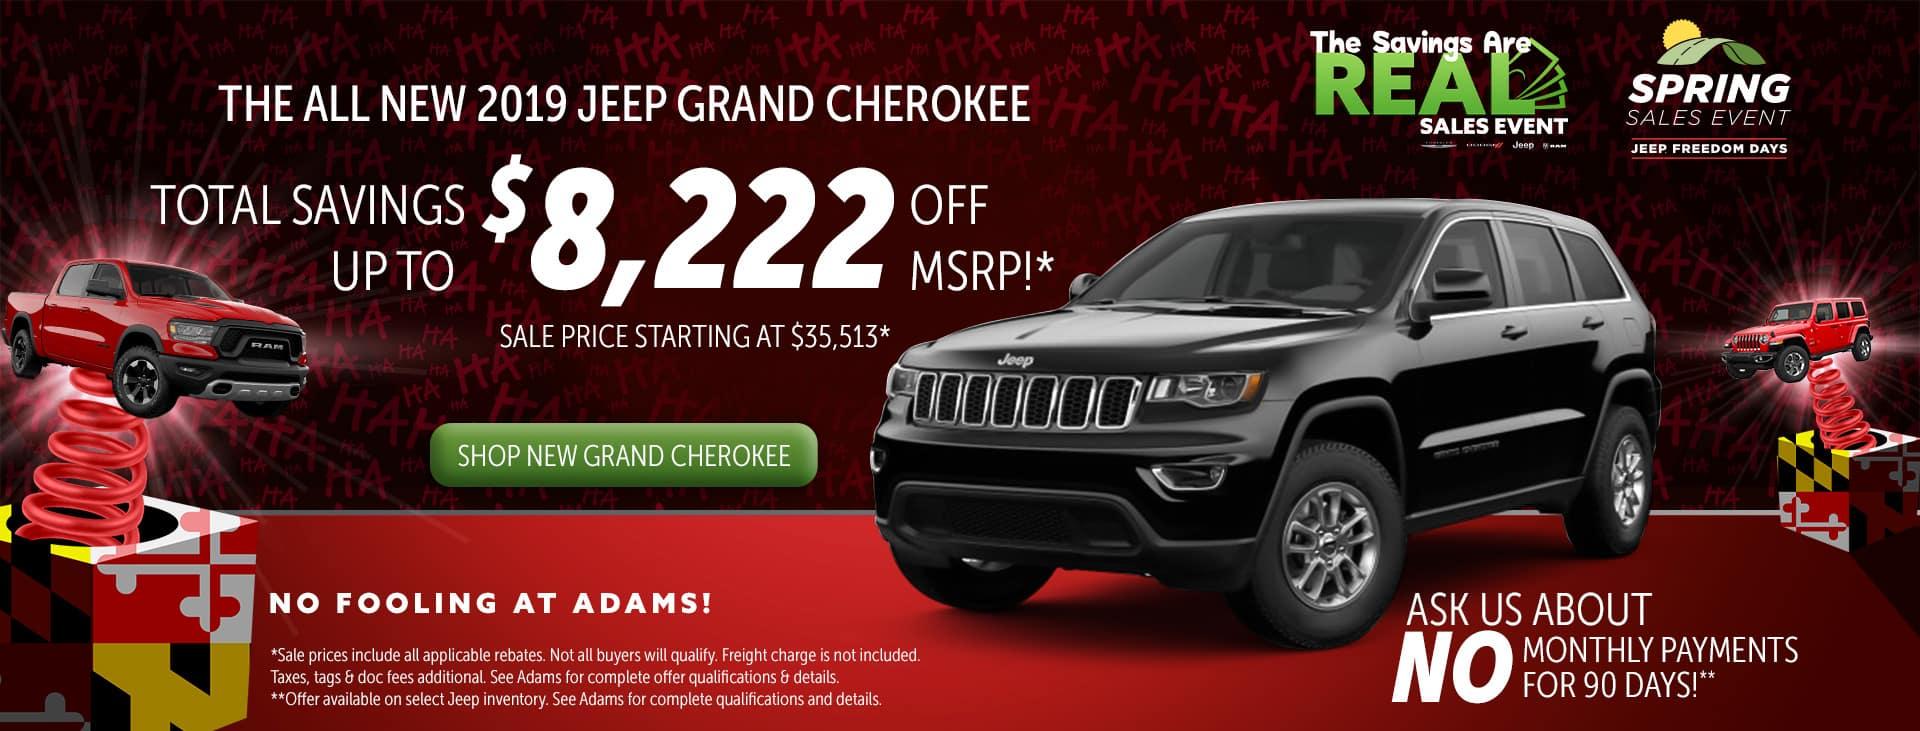 huge savings on grand cherokee!